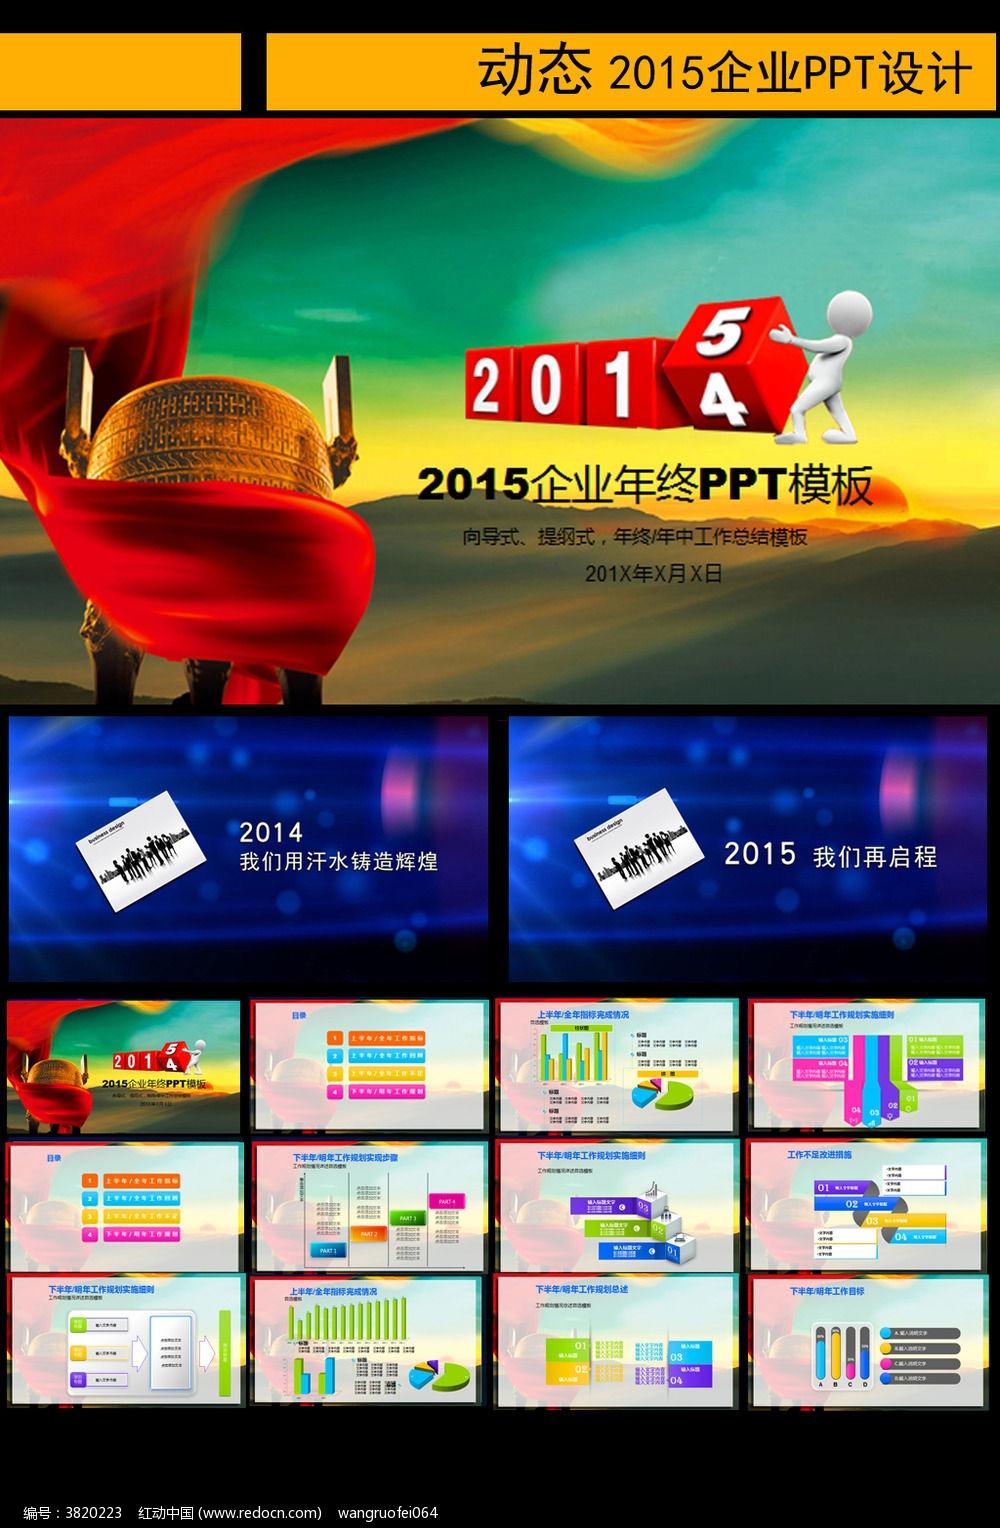 划 年终总结 2015 ppt PPT模板 羊年 图表 赢战羊年PPT 视频PPT 元